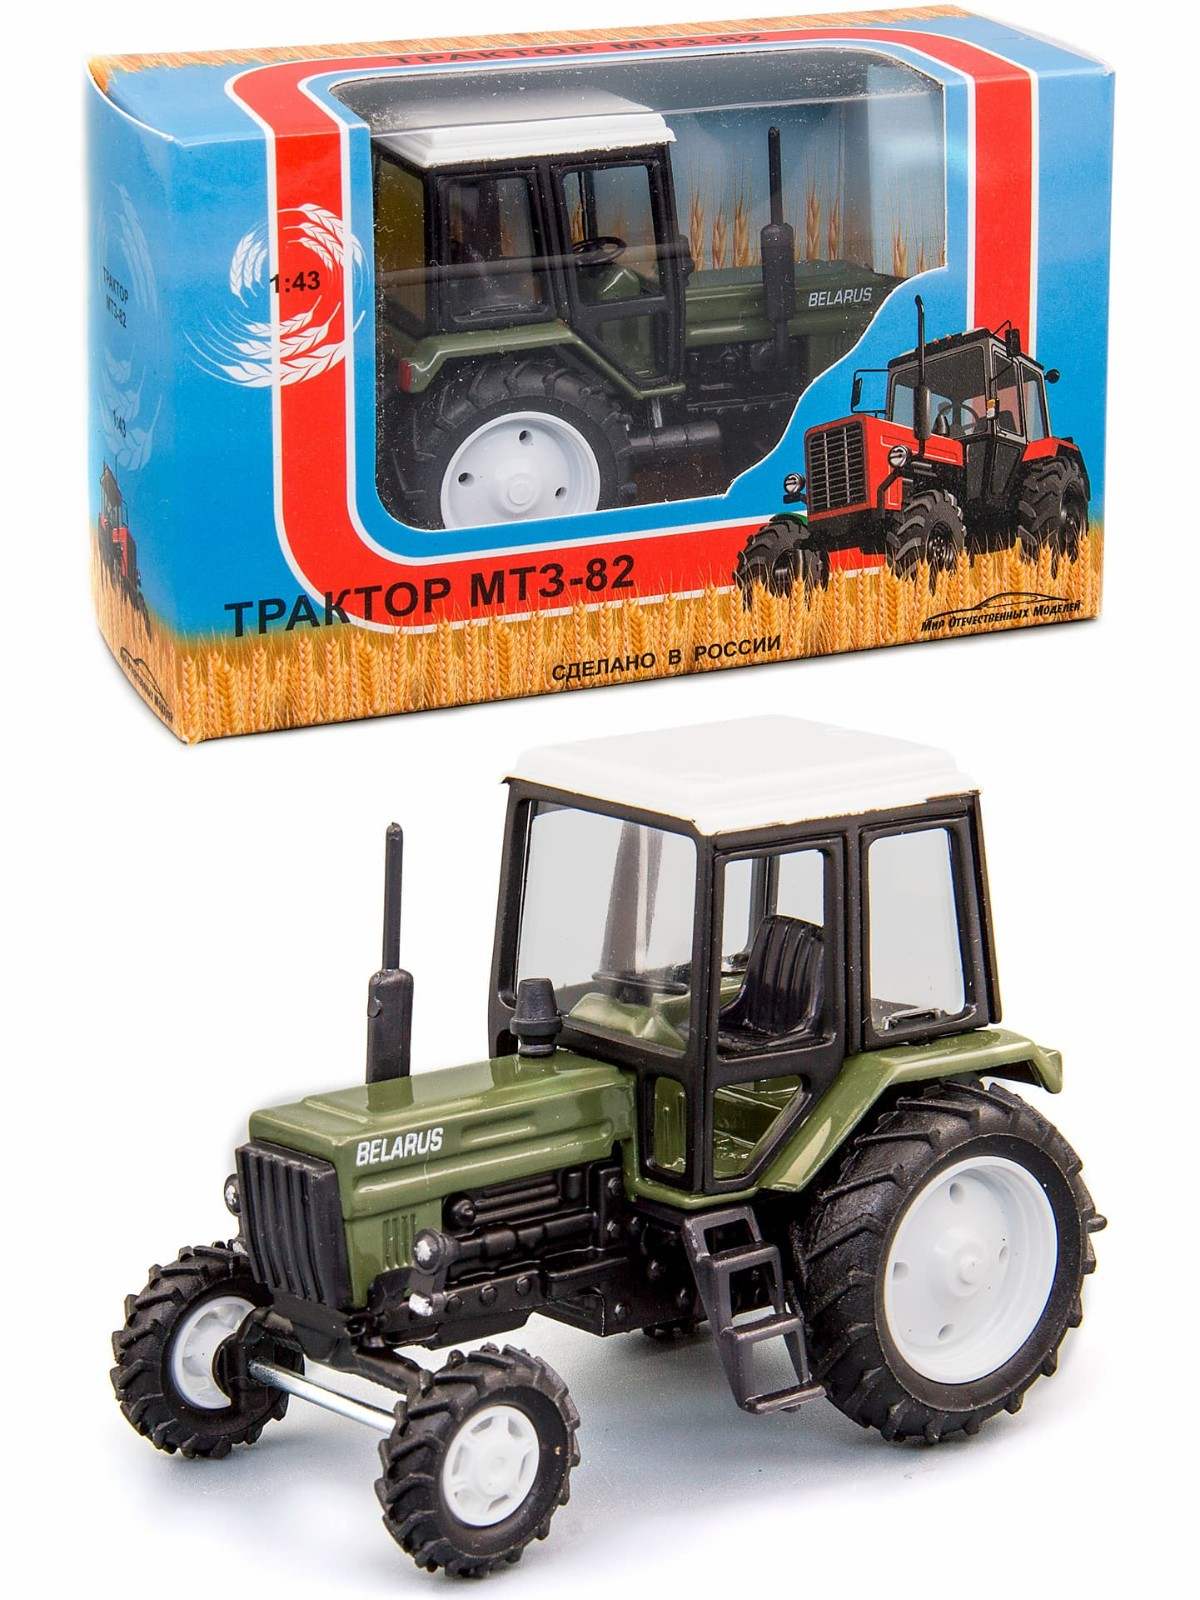 Металлическая модель трактора 1:43 «Люкс-2 МТЗ-82 Belarus» 160368 Зелёный / Белый